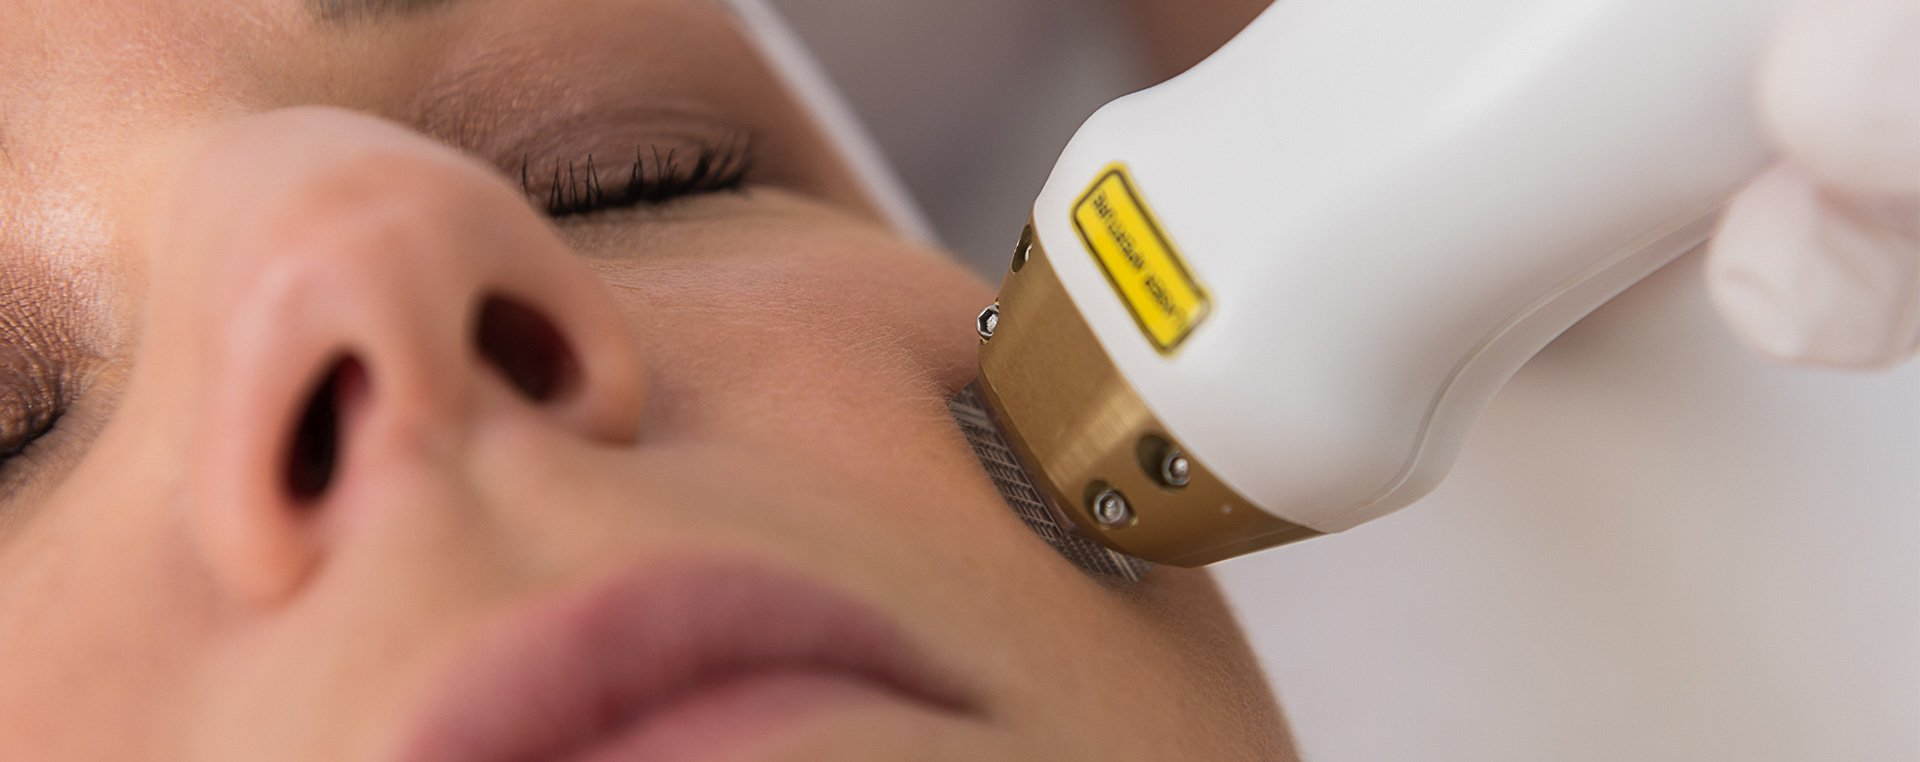 Acne laser gezichtsbehandeling